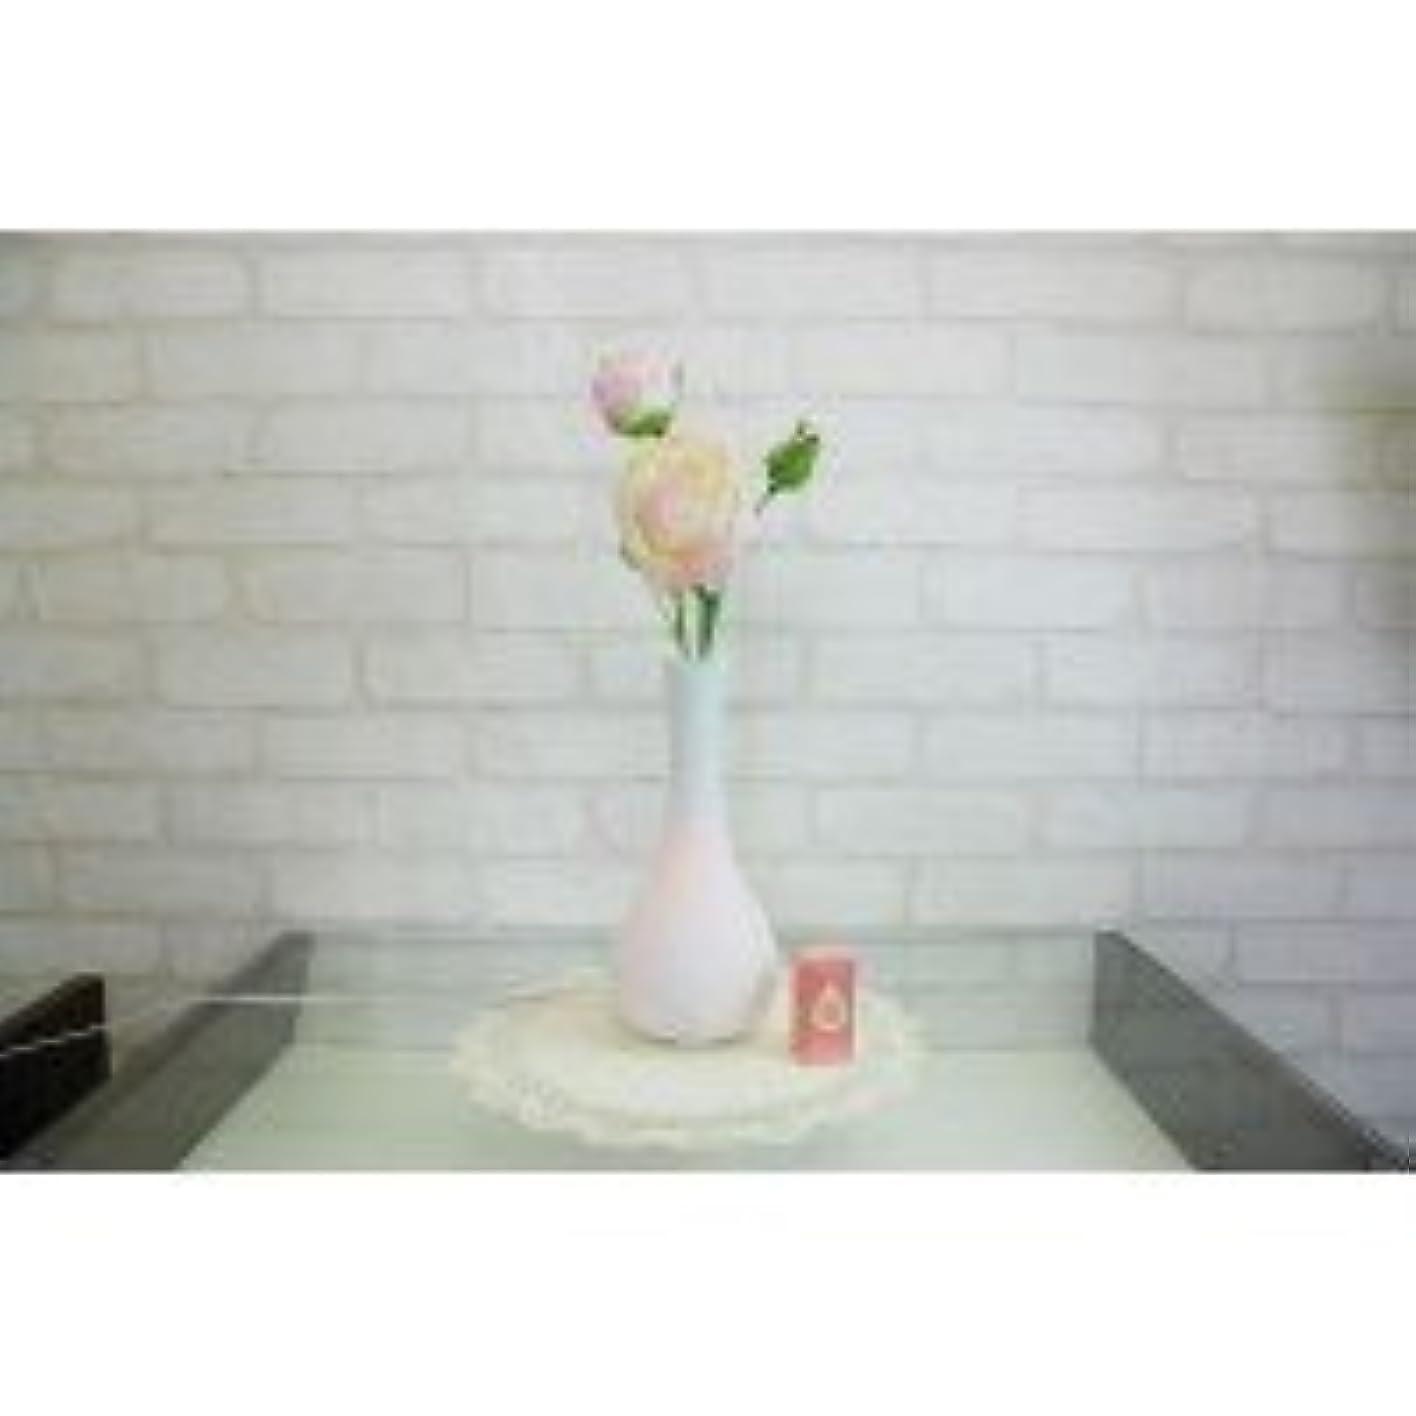 段落防腐剤乳アロマディフューザー フラスコタイプ レインボー &(4)牡丹&ウェルカムブレンド スウィート